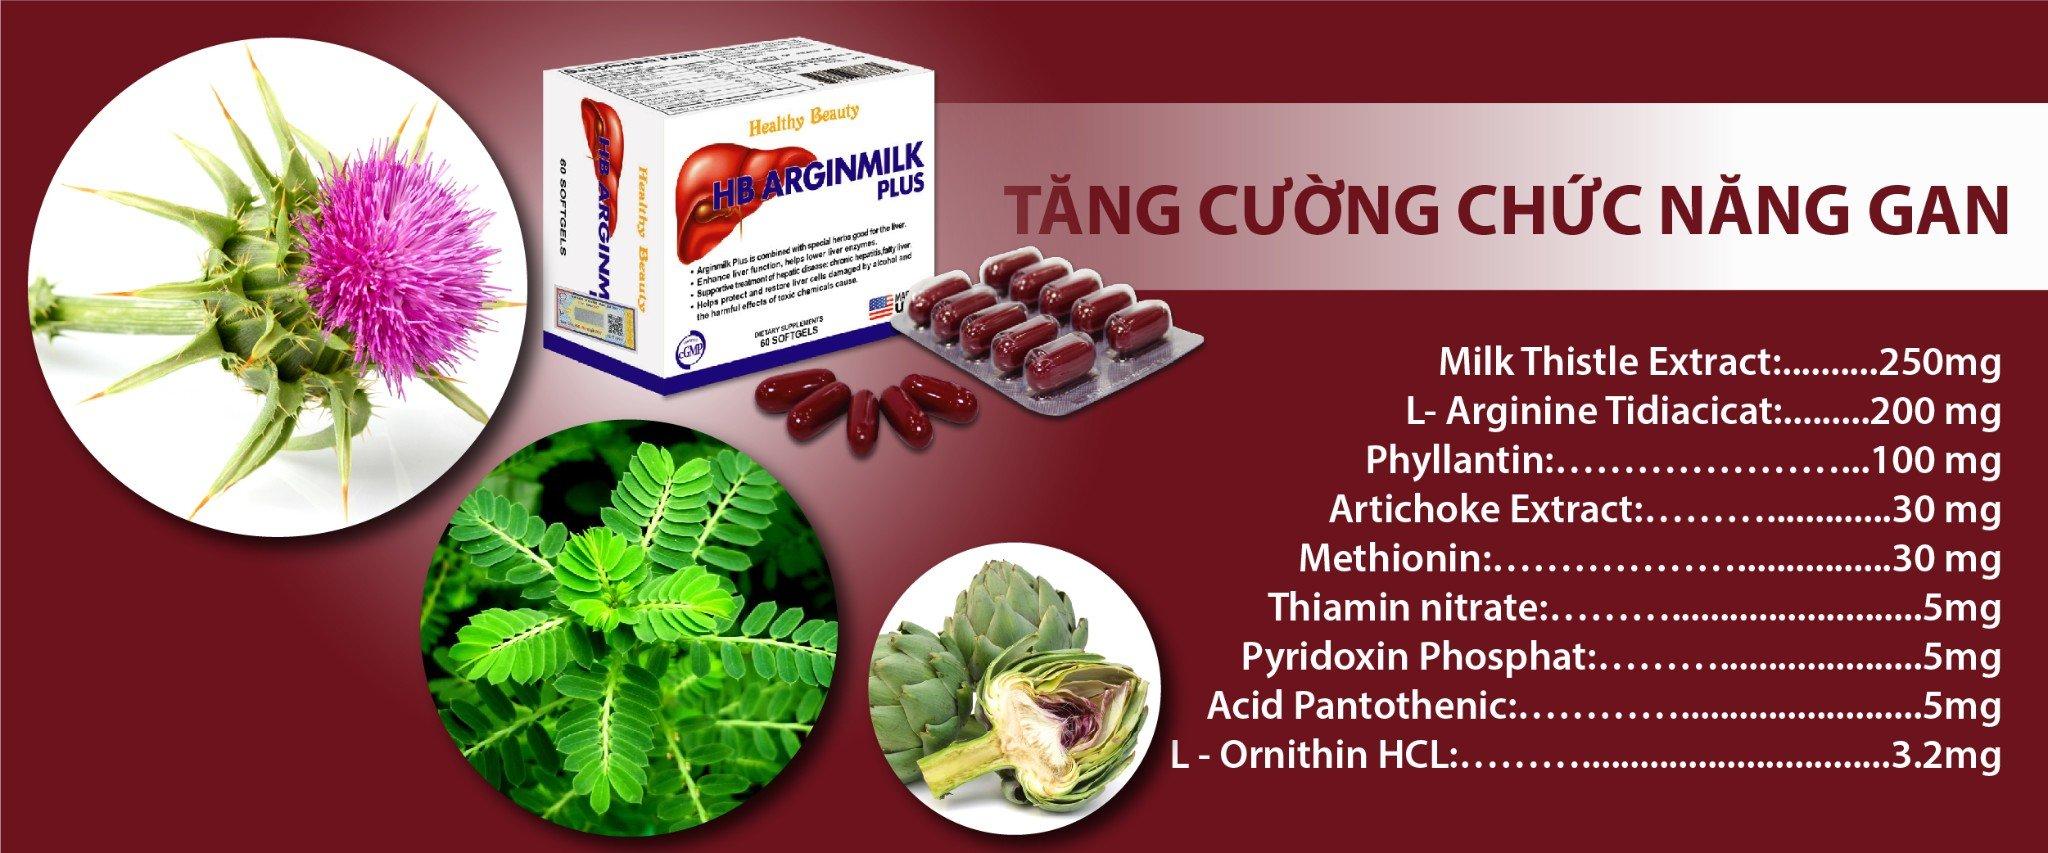 Arginmilk giúp hỗ trợ điều trị và phục hồi tế bào gan